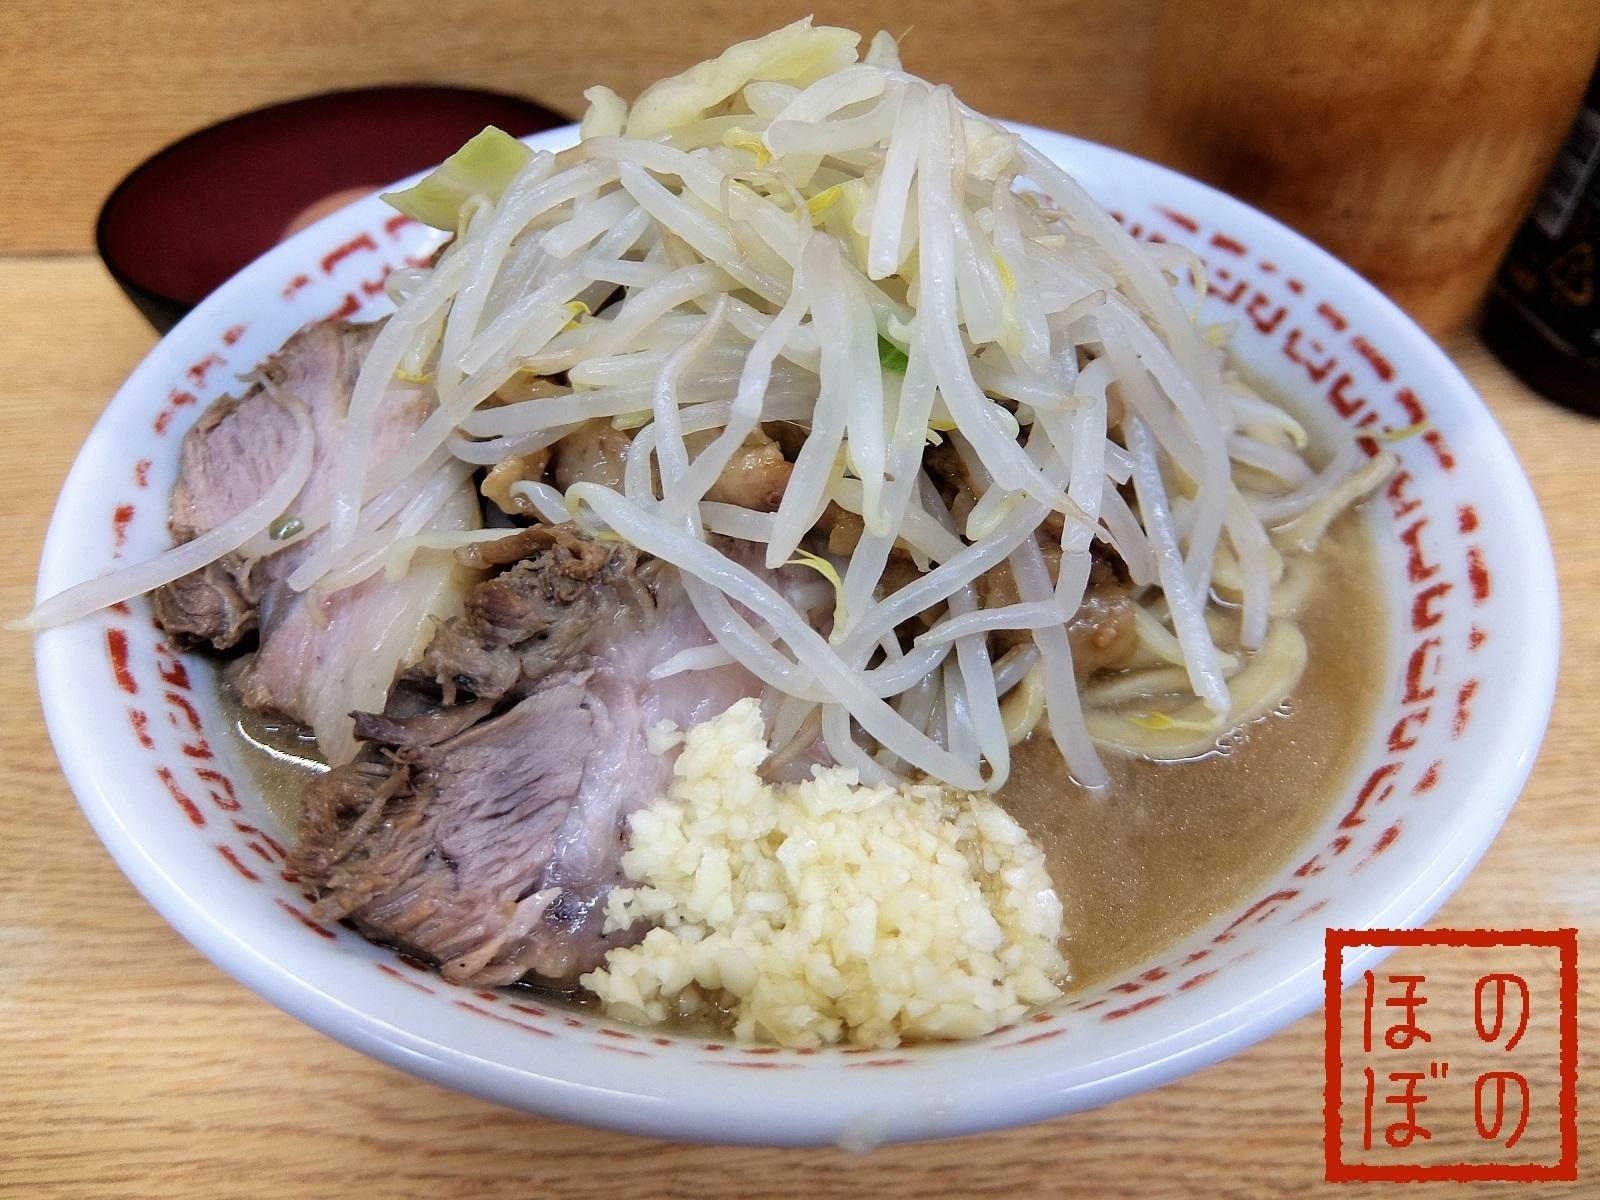 shinshindaita-jirou114.jpg